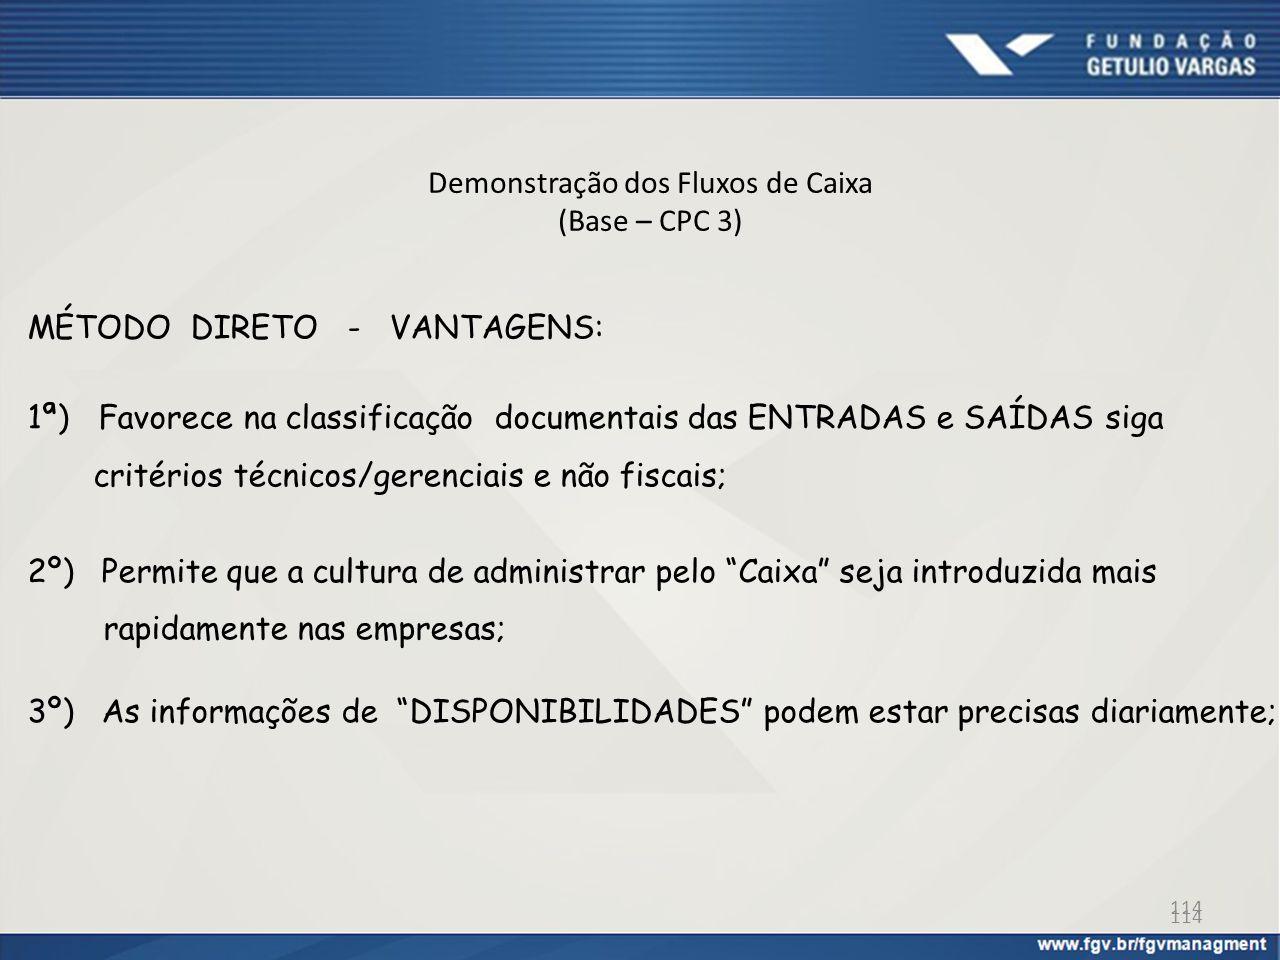 114 Demonstração dos Fluxos de Caixa (Base – CPC 3) MÉTODO DIRETO - VANTAGENS: 1ª) Favorece na classificação documentais das ENTRADAS e SAÍDAS siga cr